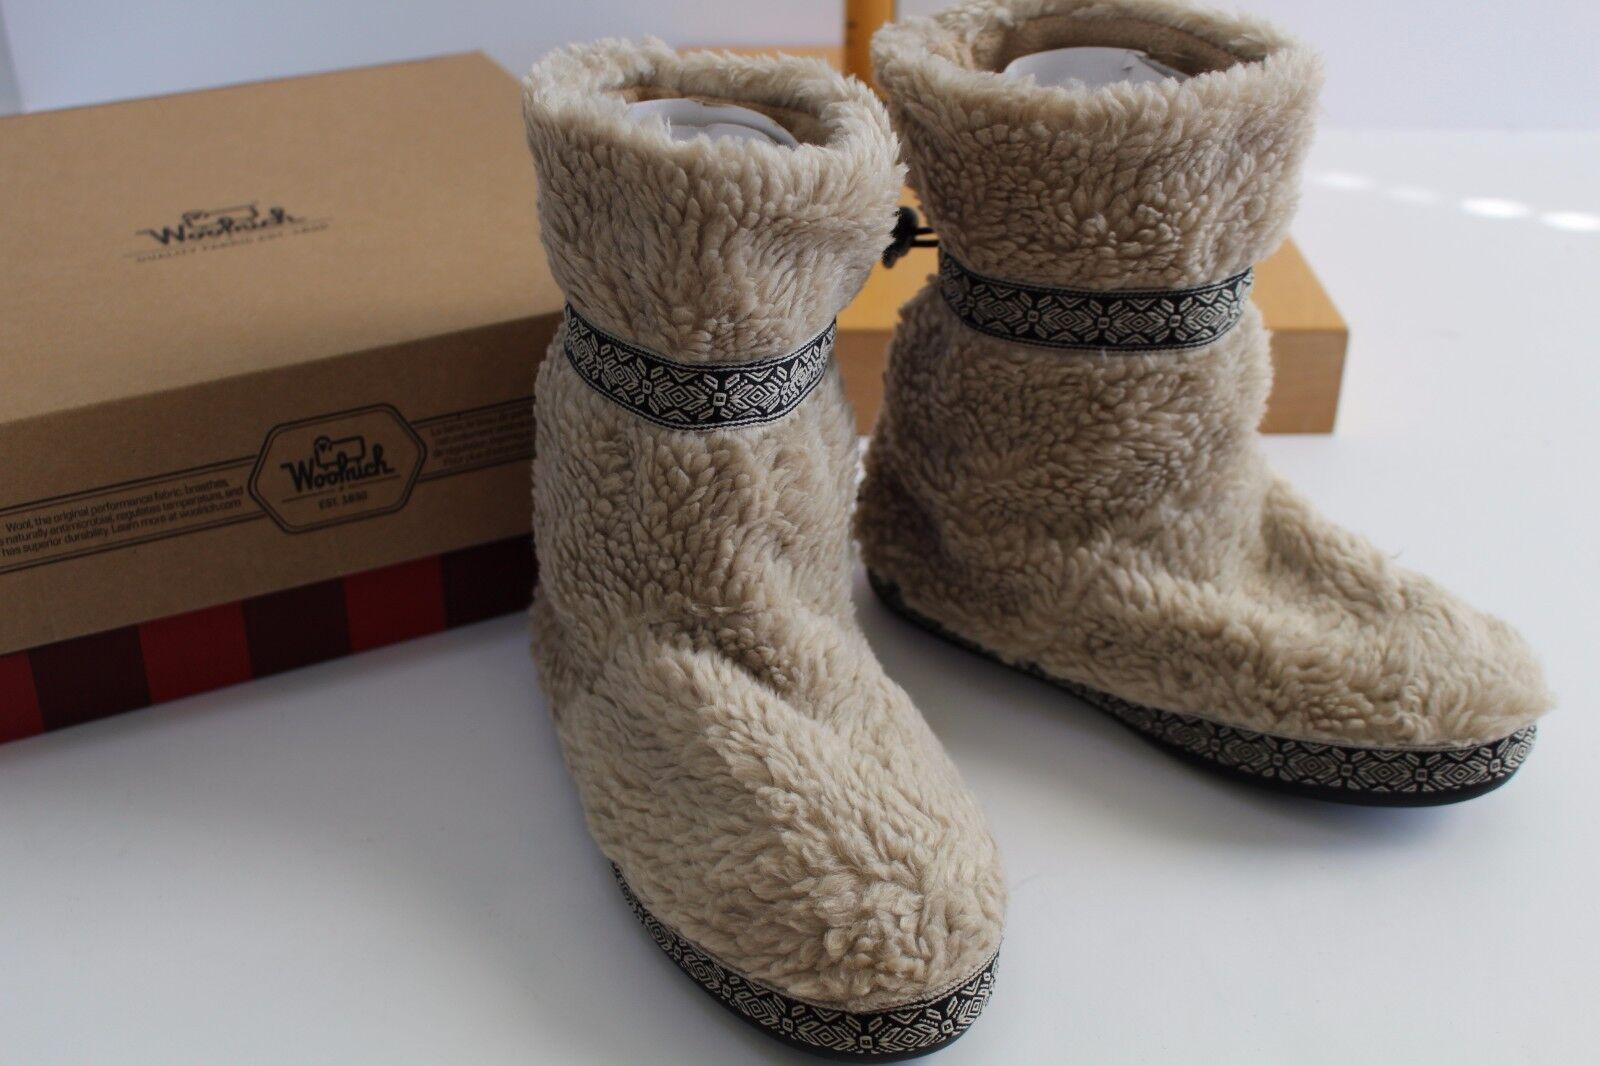 Woolrich Whitecap Peyote Boot Slippers Women's Size 6 Bootie Fleece Lined NIB